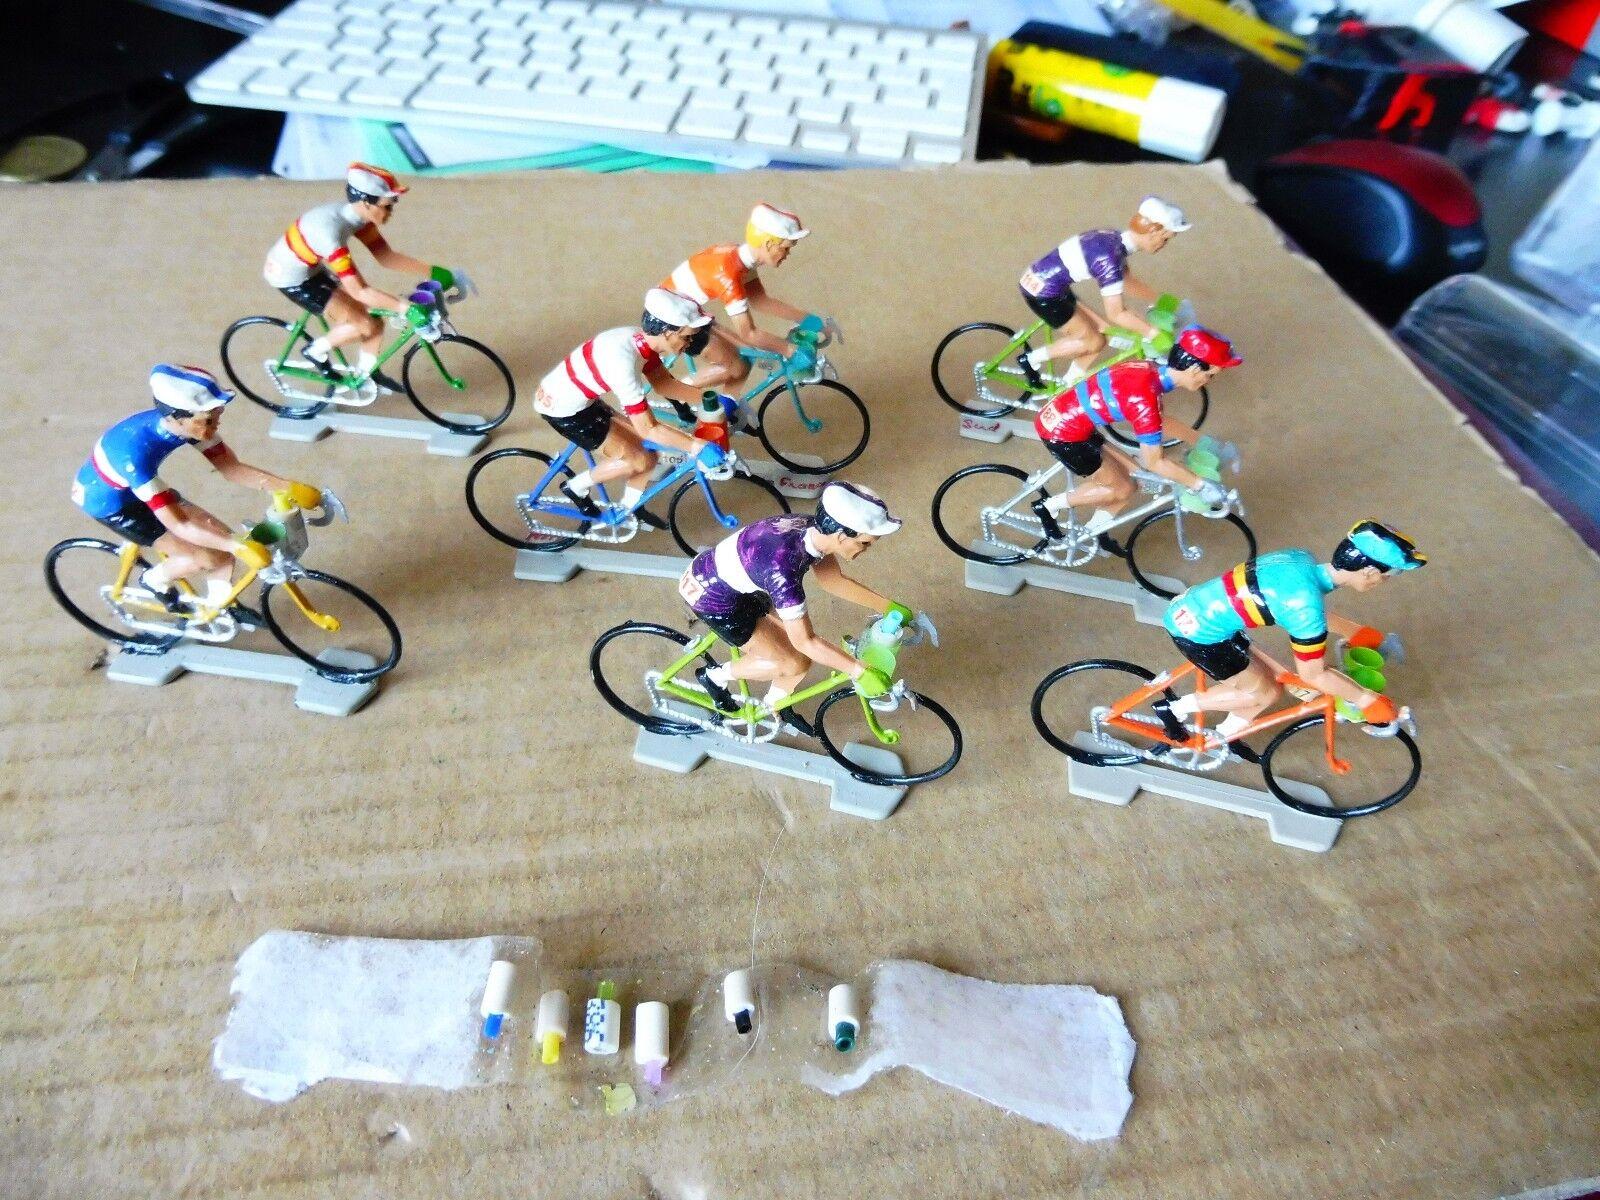 Lot de 8 ciclistas plástico con la puerta bidones al manillar y latas extraíbles